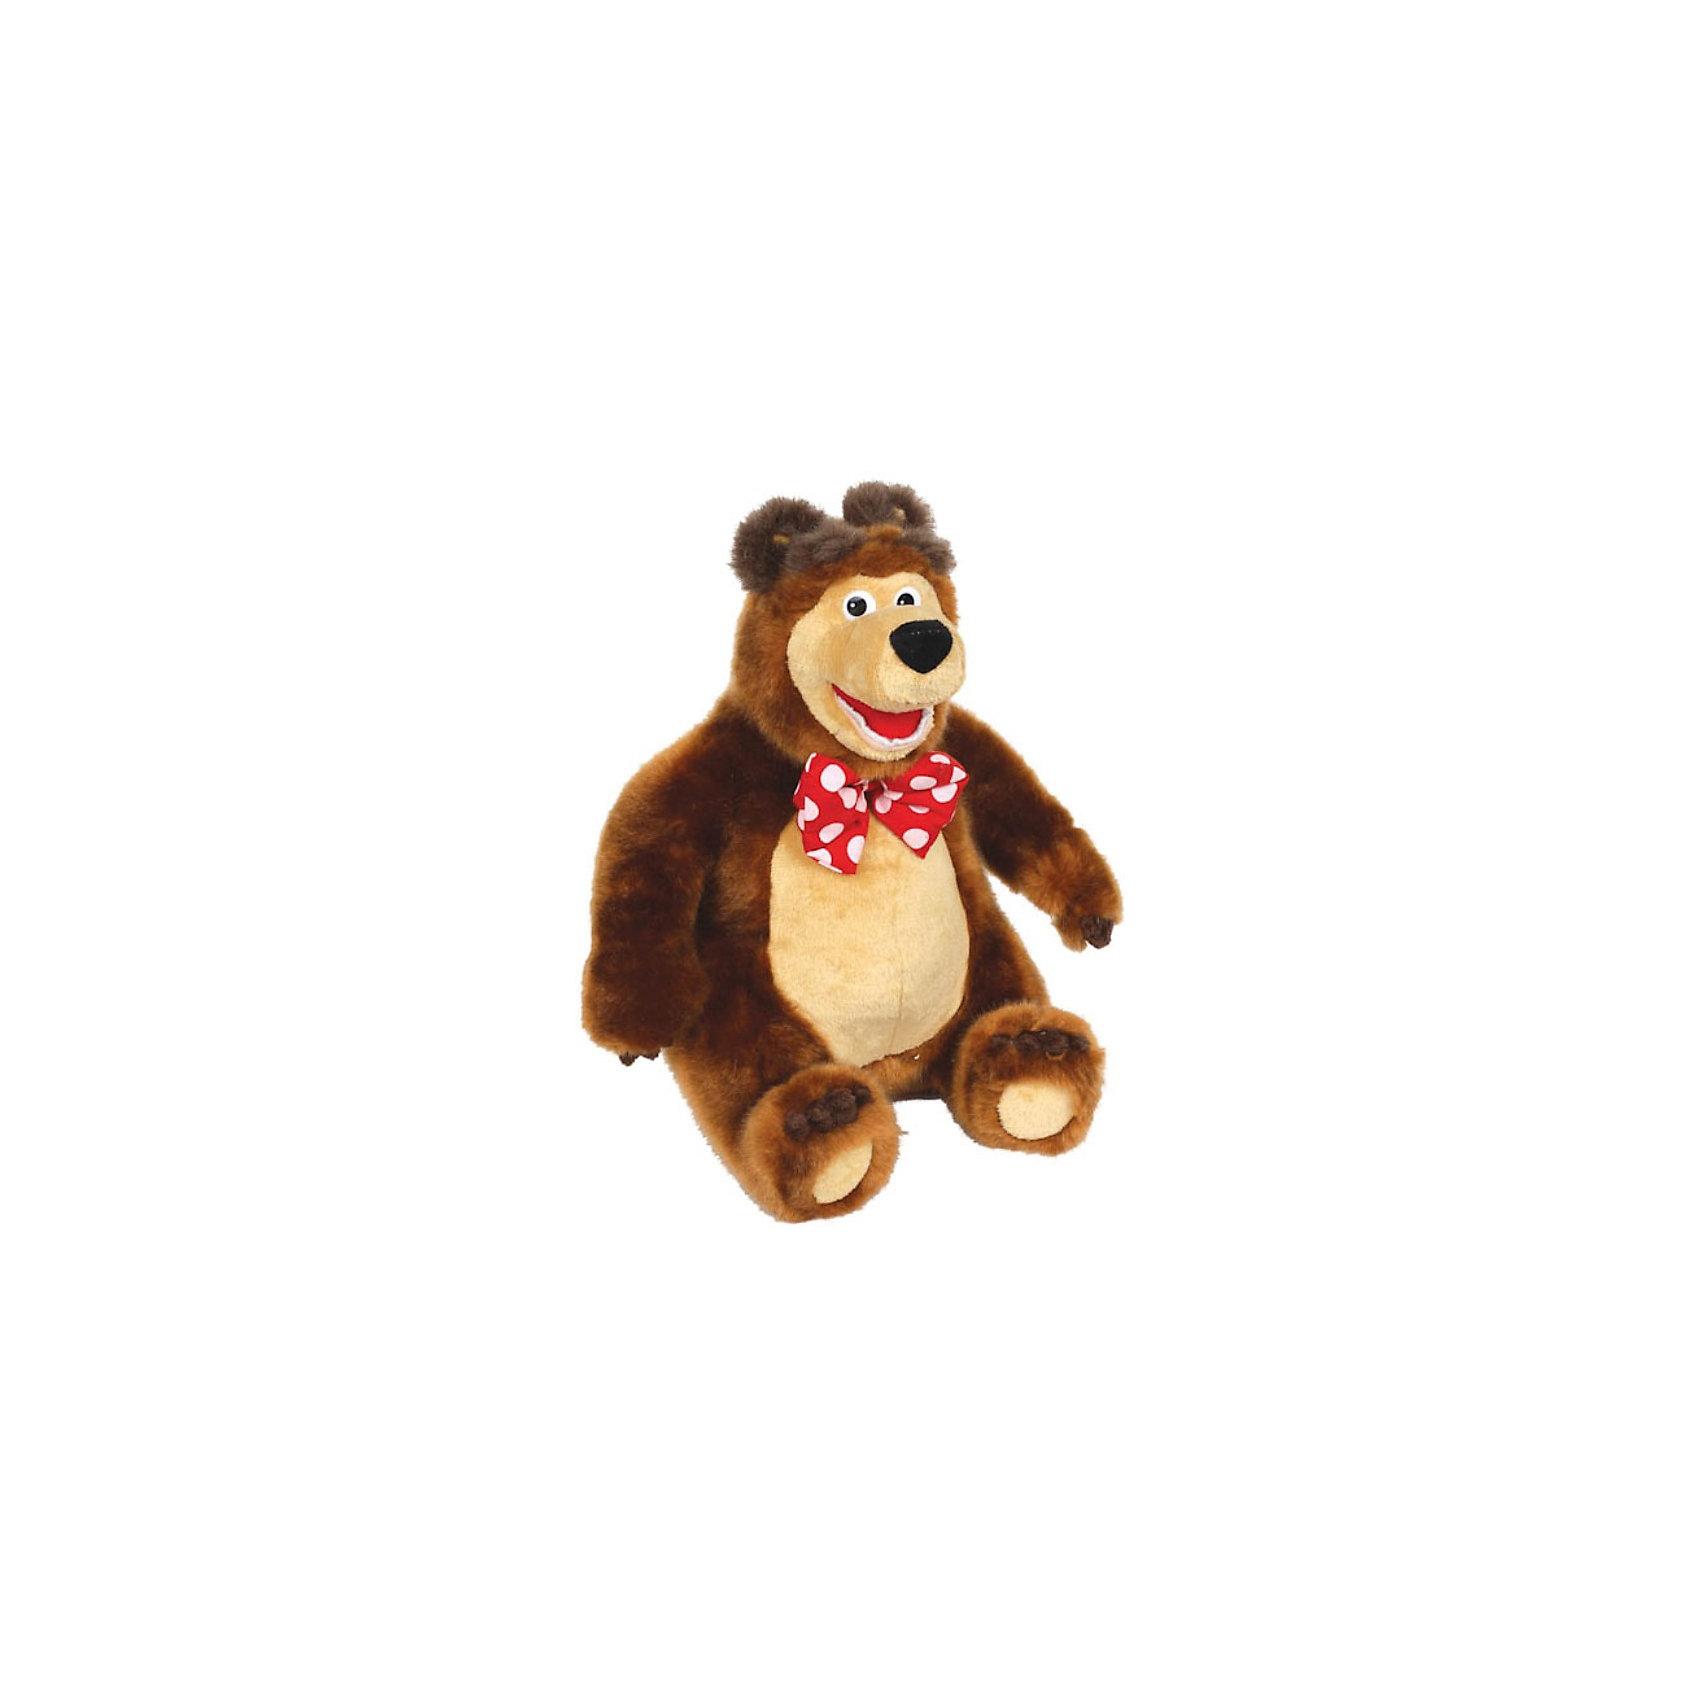 Мягкая игрушка Мишка, Маша и Медведь, МУЛЬТИ-ПУЛЬТИЗабавный Мишка из популярного мультфильма Маша и Медведь умеет двигаться и рассказывает 3 сказки: Маша и Медведь, Вершки и корешки, Три медведя. Чтобы Мишка ожил нужно лишь нажать ему на левую лапку, на правой задней лапке имеется регулятор громкости.<br><br>Дополнительная информация:<br><br>- Материал: искусственный мех, текстиль, набивка: полиэфирное волокно.<br>- Требуются батарейки: 3 х АА. (входят в комплект) <br>- Размер игрушки: 17 ? 23,5 ? 14 см.<br>- Размер упаковки: 17,5 ? 33 ? 18 см.<br>- Вес: 1,170 кг.<br><br>Мягкую игрушку Мишка, Маша и Медведь, Мульти-Пульти можно купить в нашем интернет-магазине.<br><br>Ширина мм: 180<br>Глубина мм: 170<br>Высота мм: 320<br>Вес г: 1170<br>Возраст от месяцев: 6<br>Возраст до месяцев: 60<br>Пол: Унисекс<br>Возраст: Детский<br>SKU: 3772334